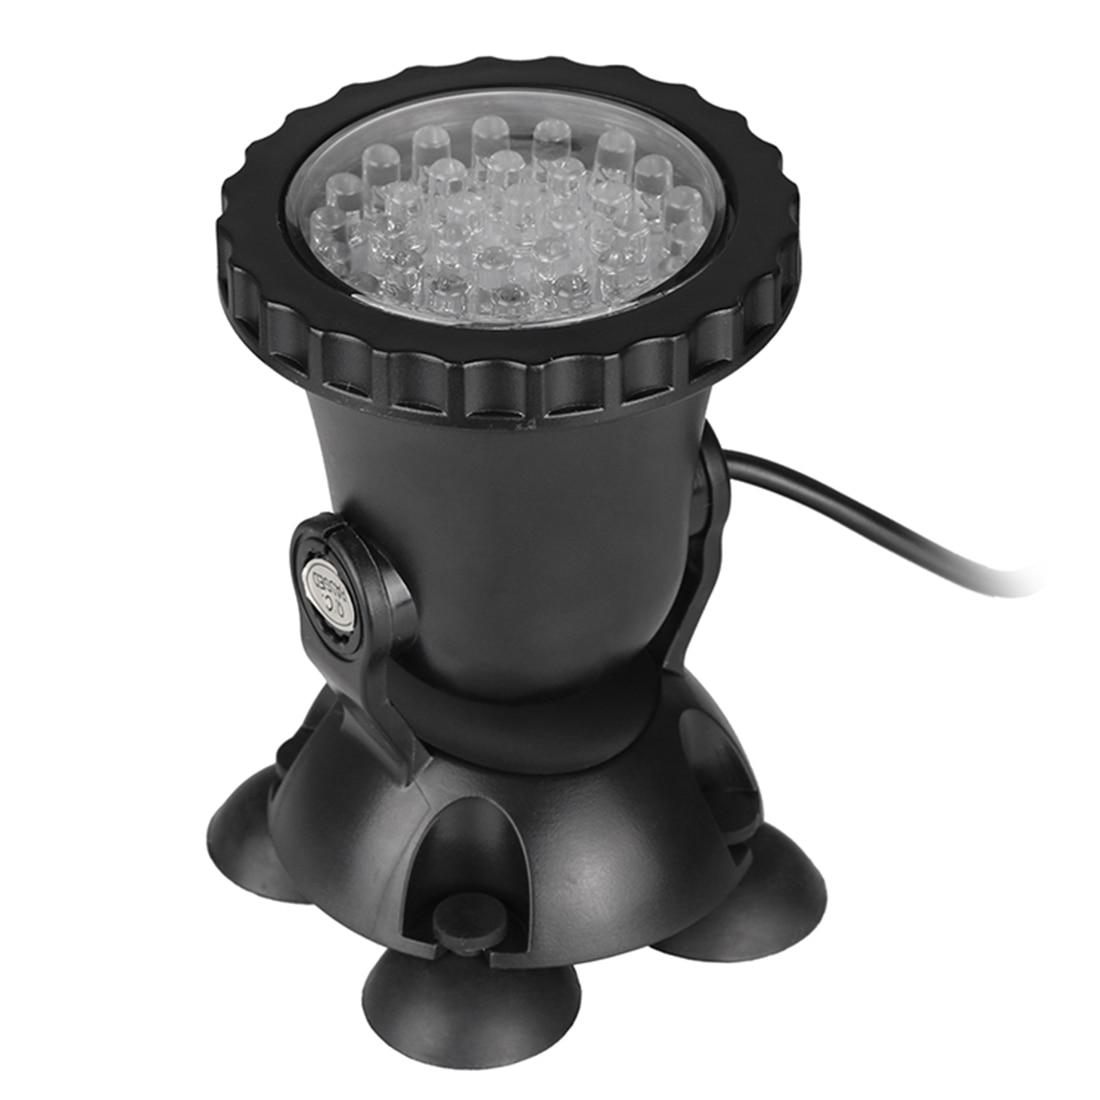 Projecteur de réservoir de poissons de LED projecteur imperméable de lampe d'aquarium (prise de l'ue)-lumière changeante de couleur